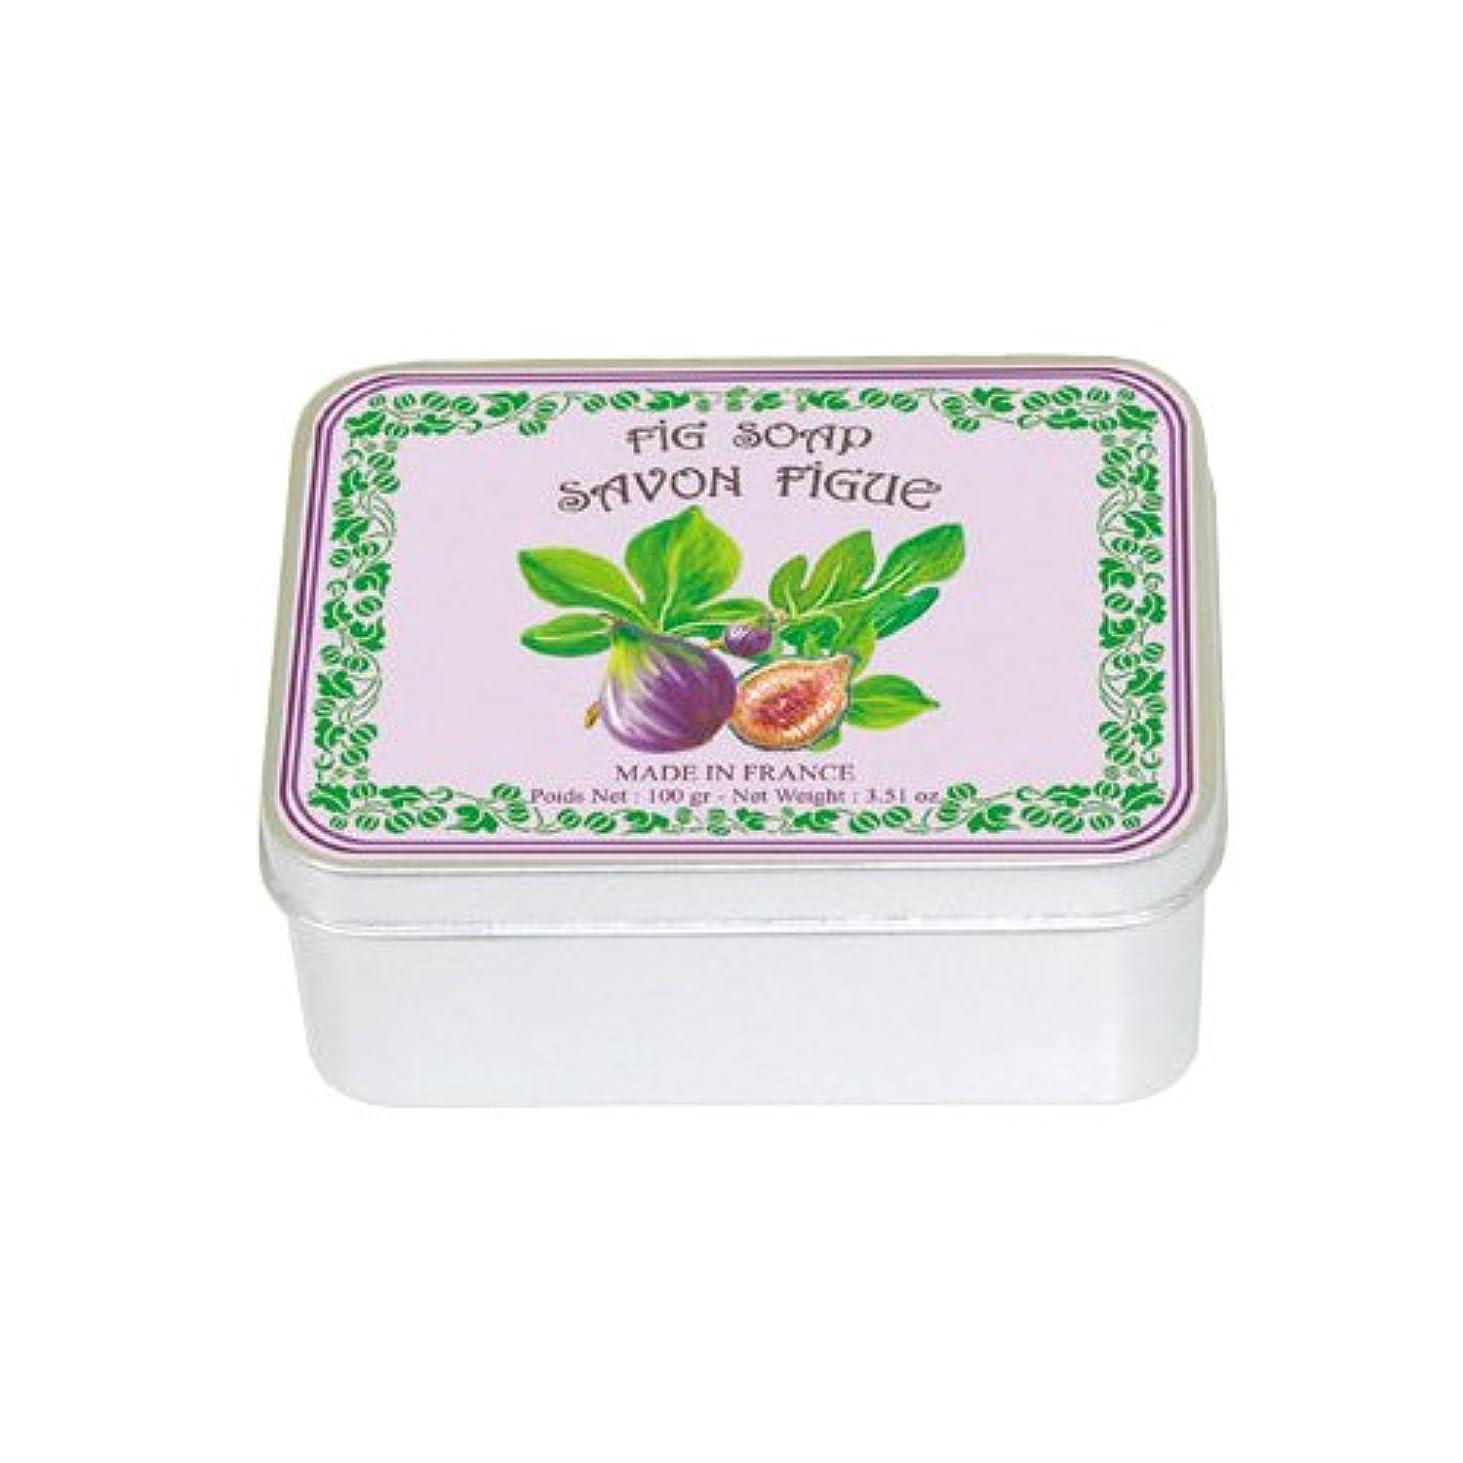 構築する日の出深遠ルブランソープ メタルボックス(イチジクの香り)石鹸